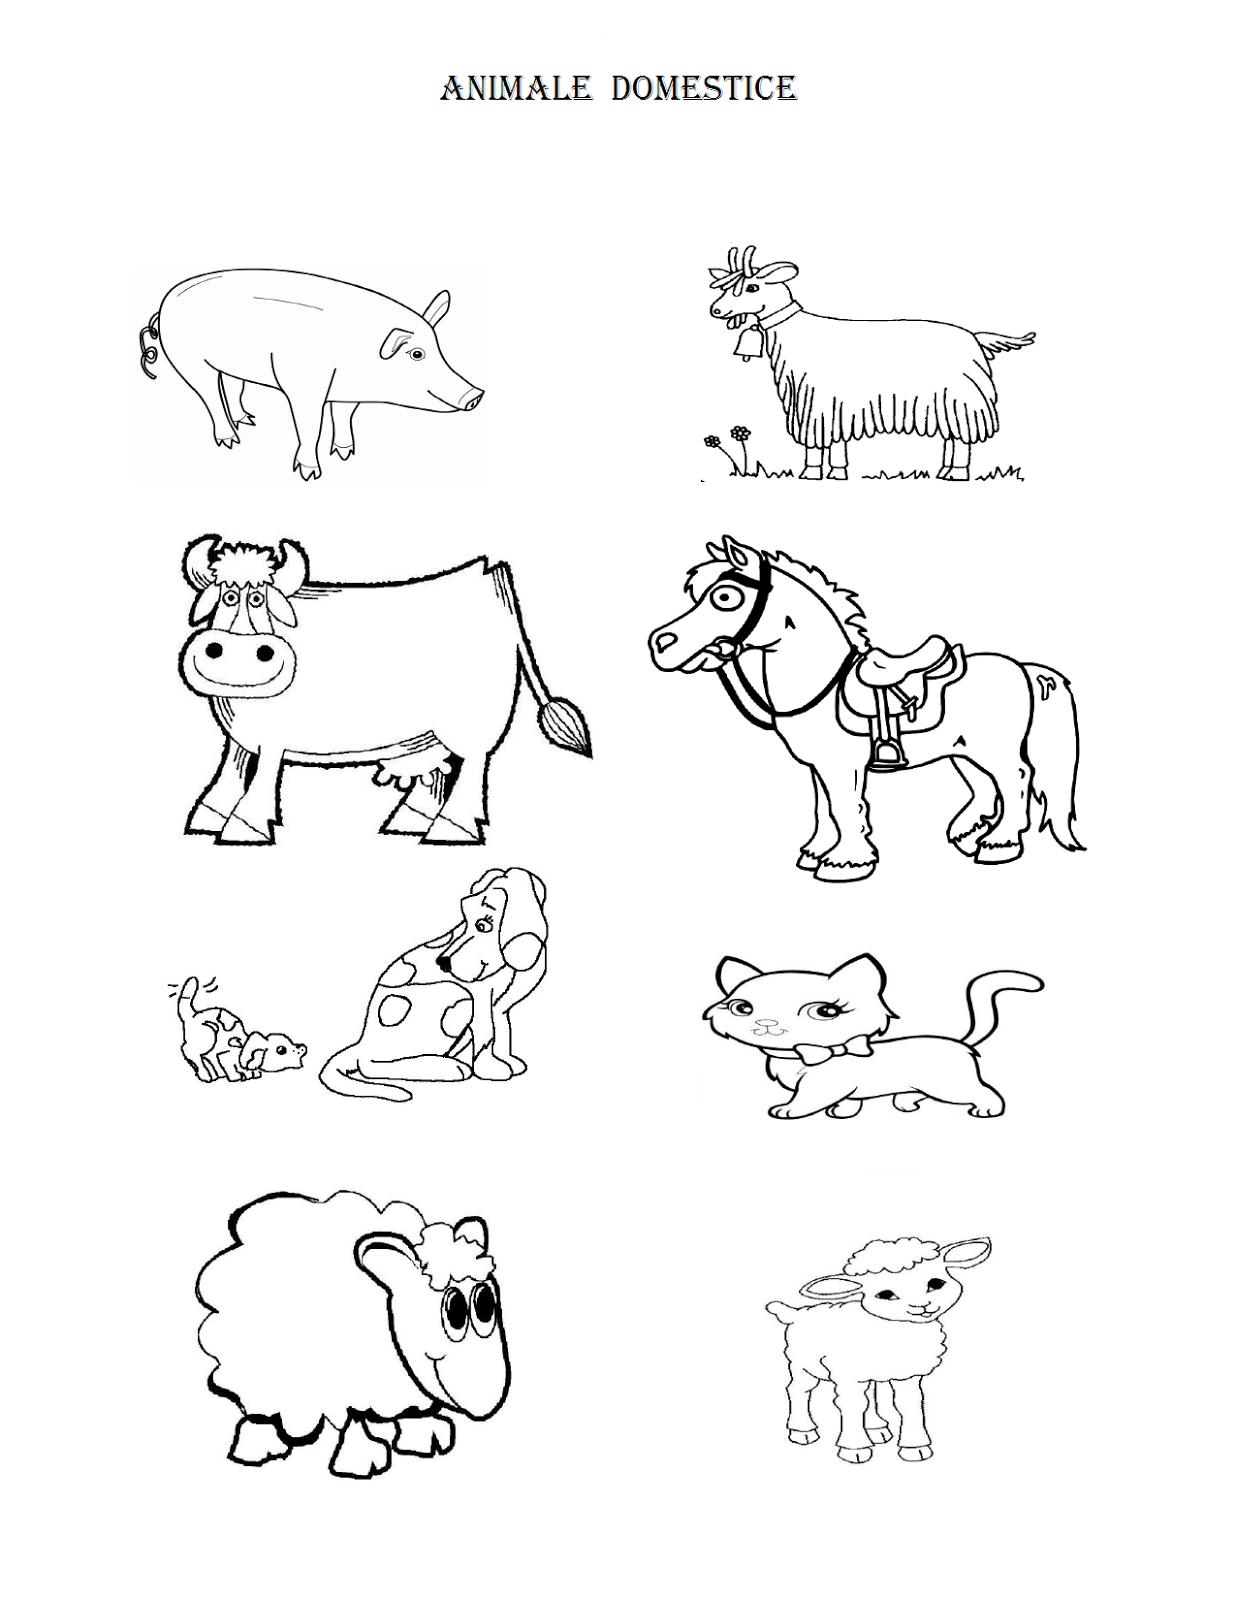 Educatia Conteaza Animale Domestice